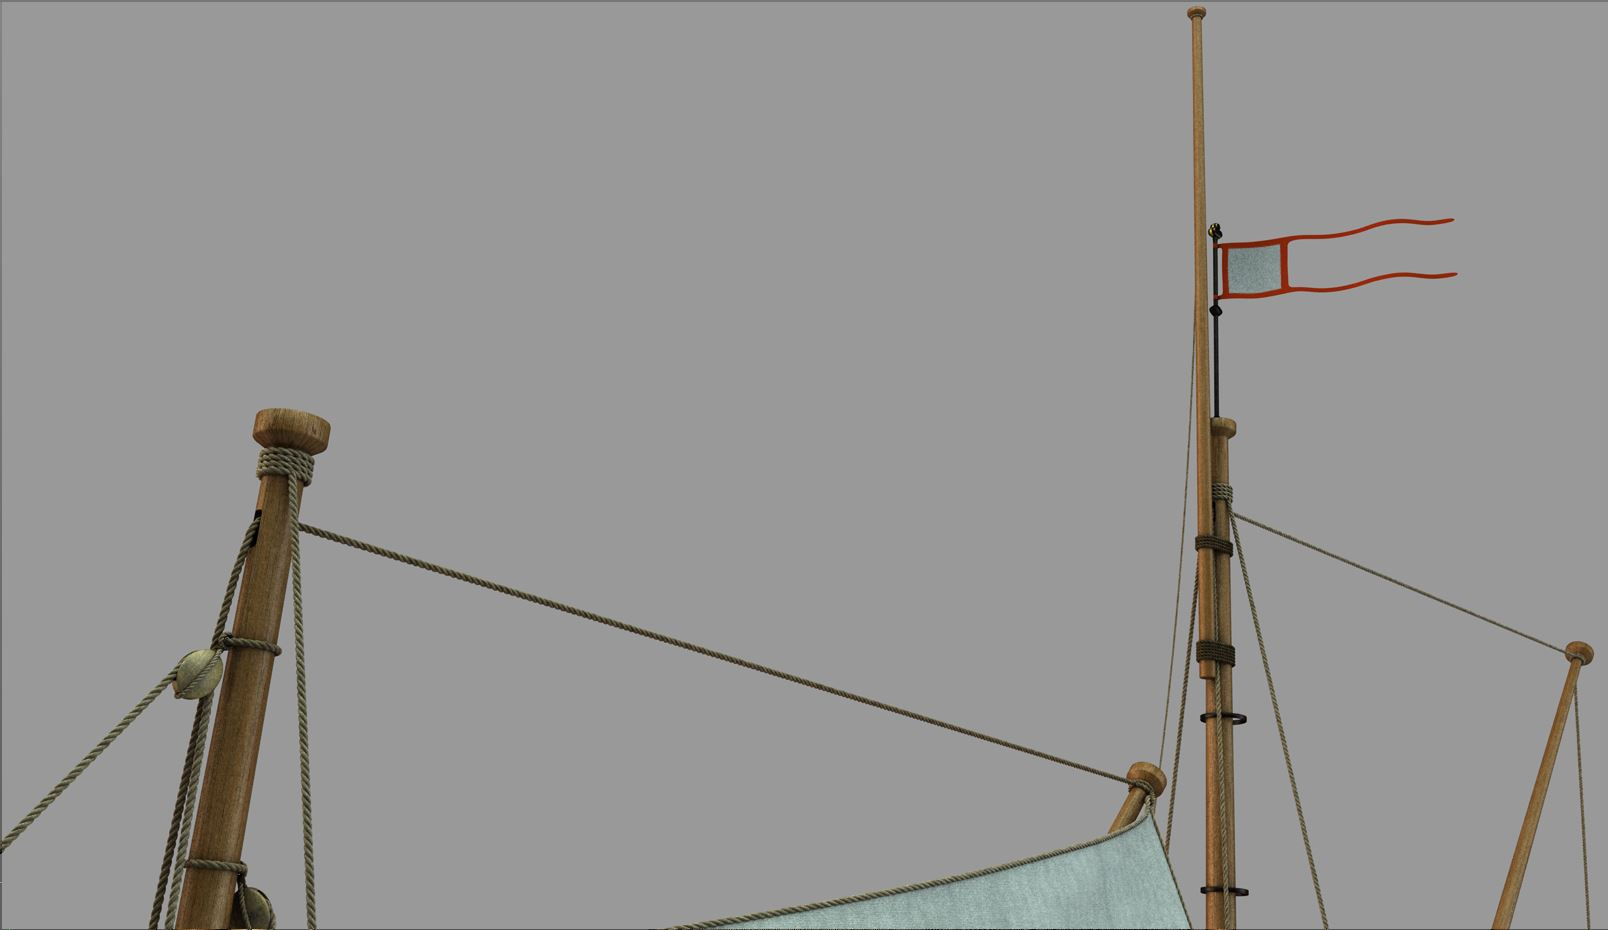 Canons de vaisseau 74 canons (Création 3D) par Greg_3D - Page 5 Captur17